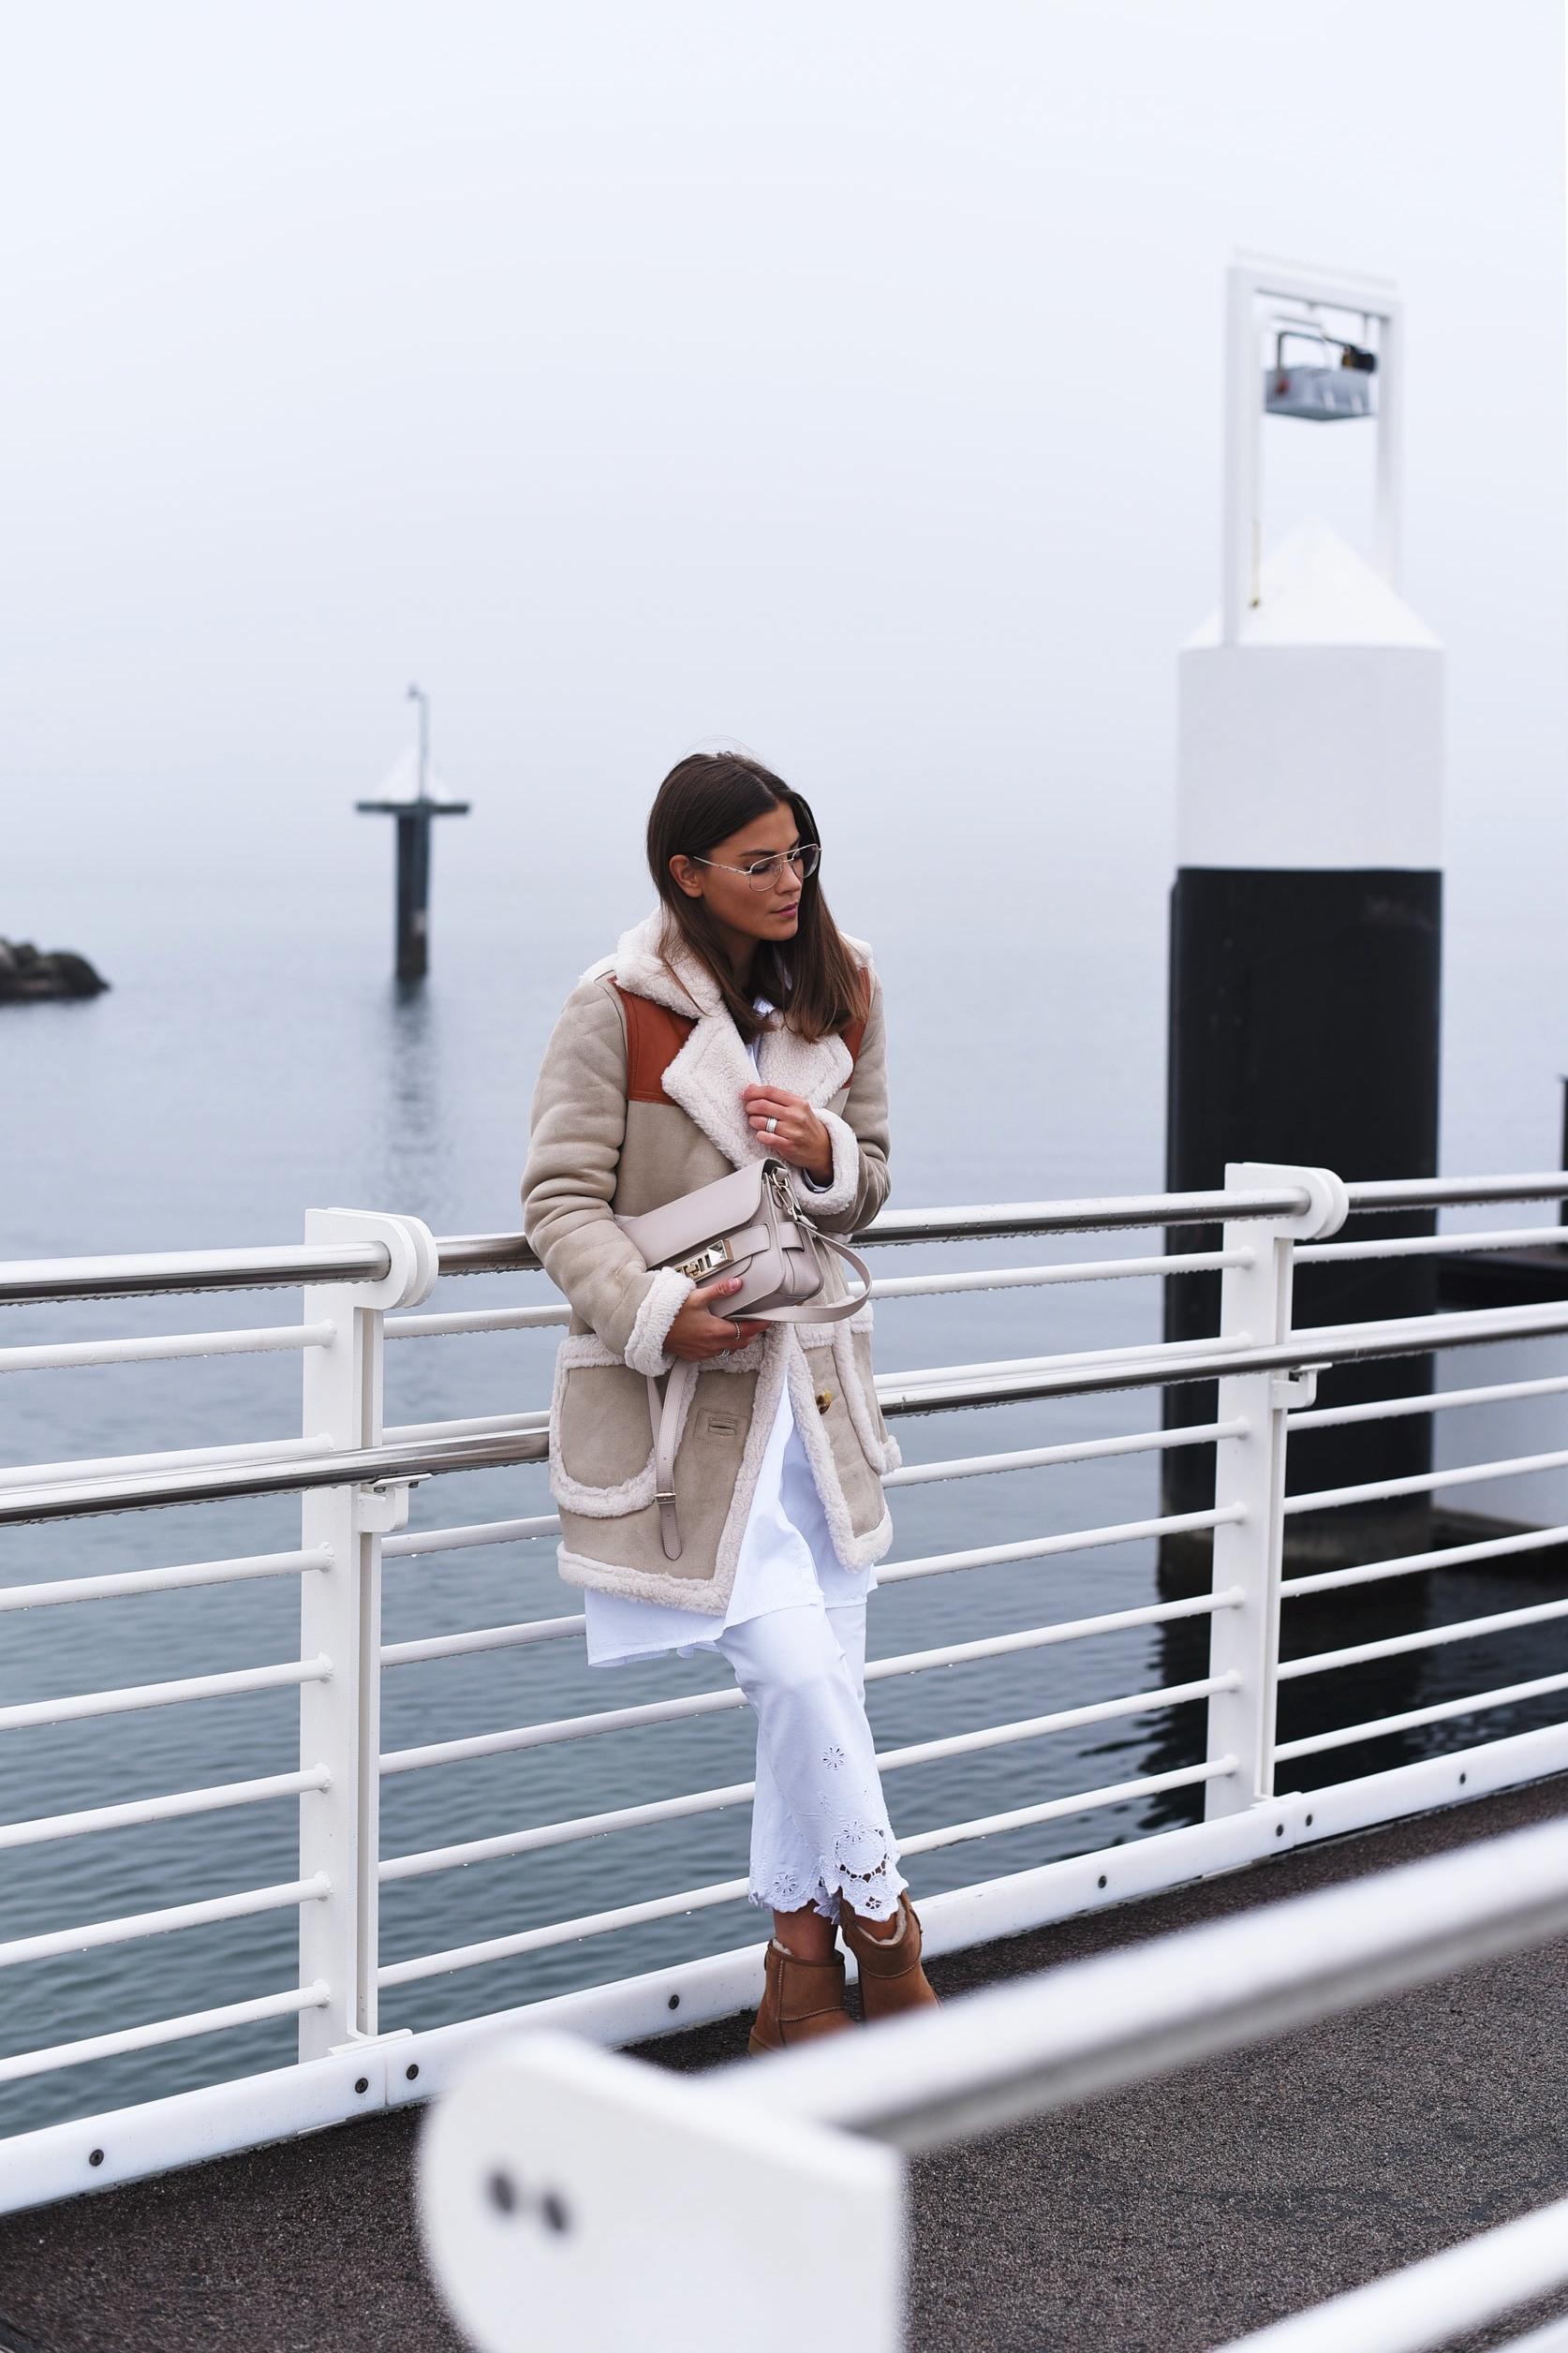 erfolgreicher-fashionblog-deutschland-muenchen-top-10-modeblogs-fashiioncarpet